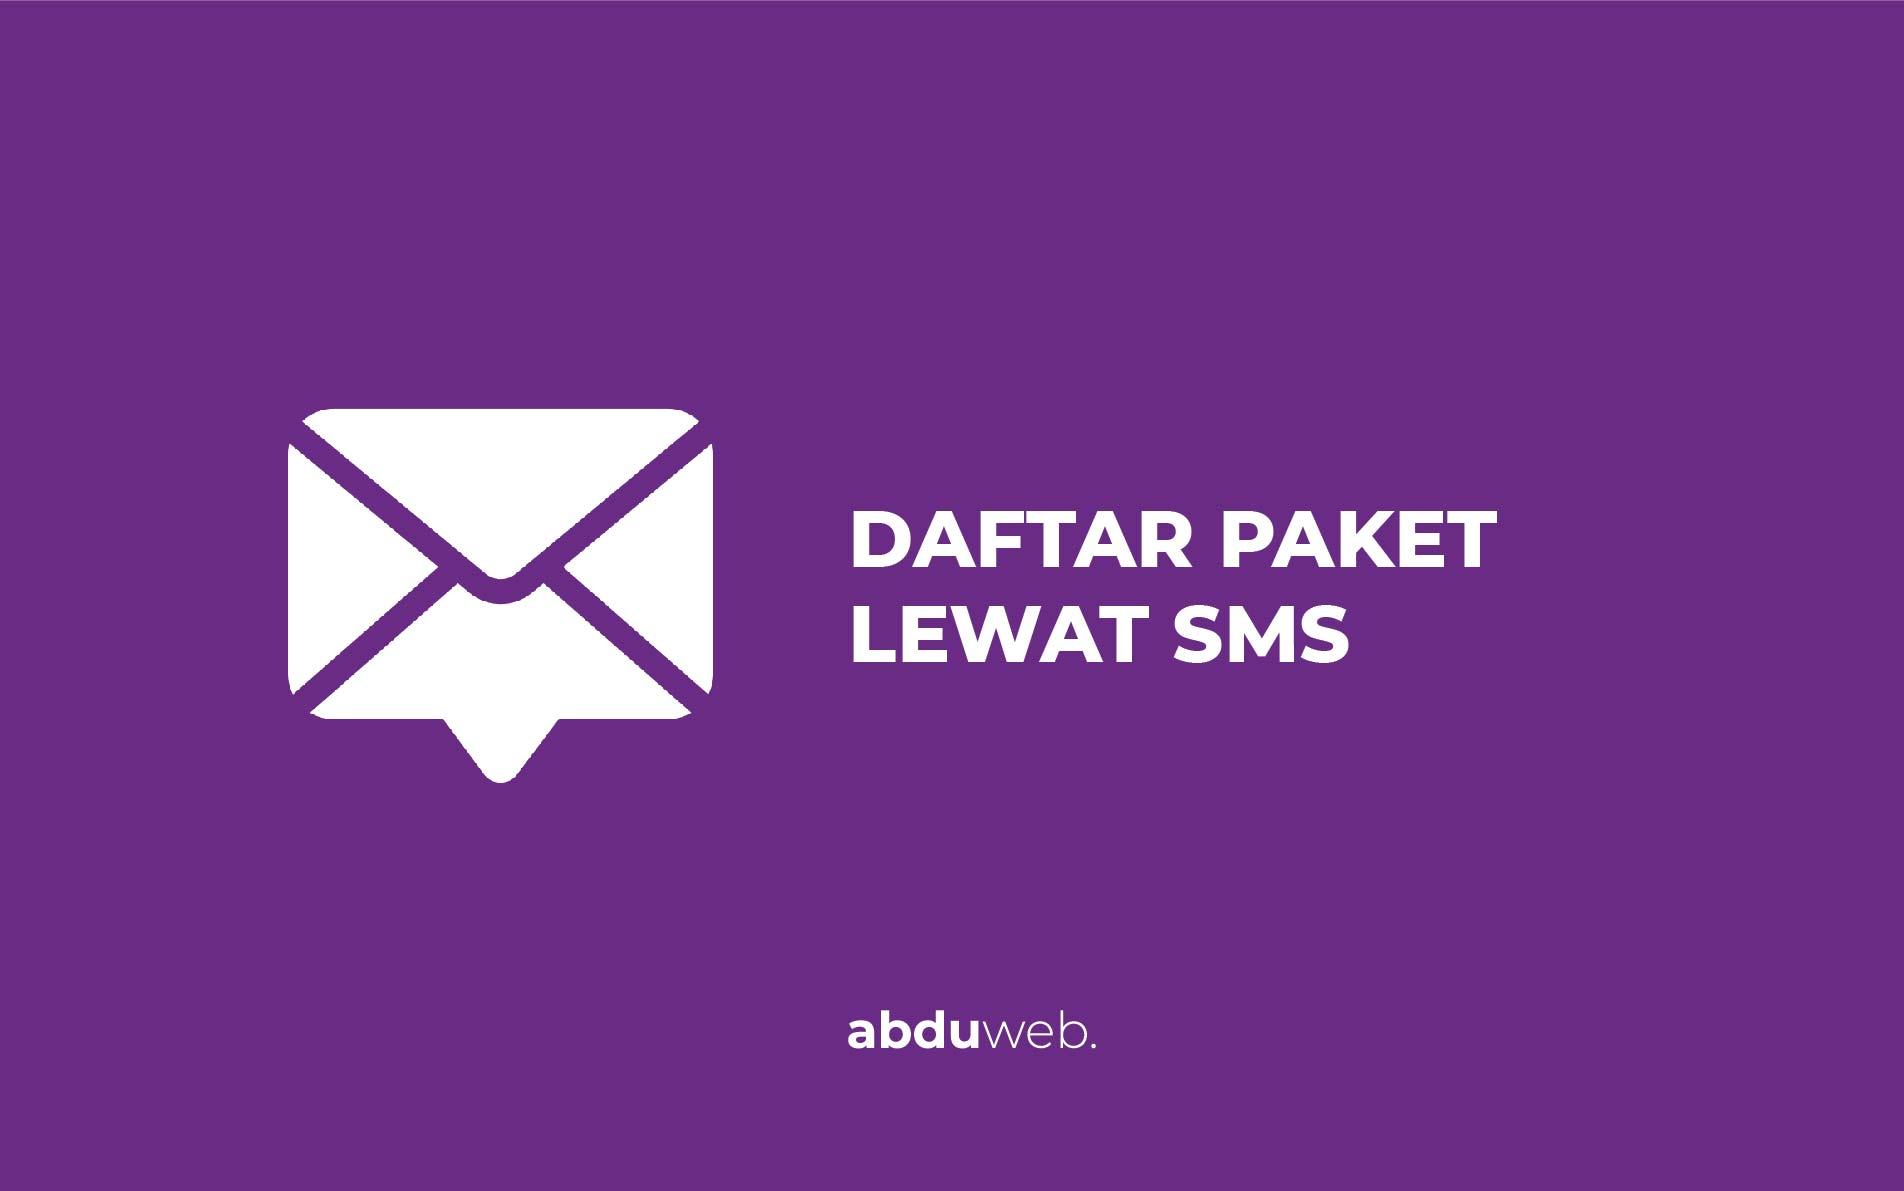 cara daftar paket smartfren 4g lewat sms